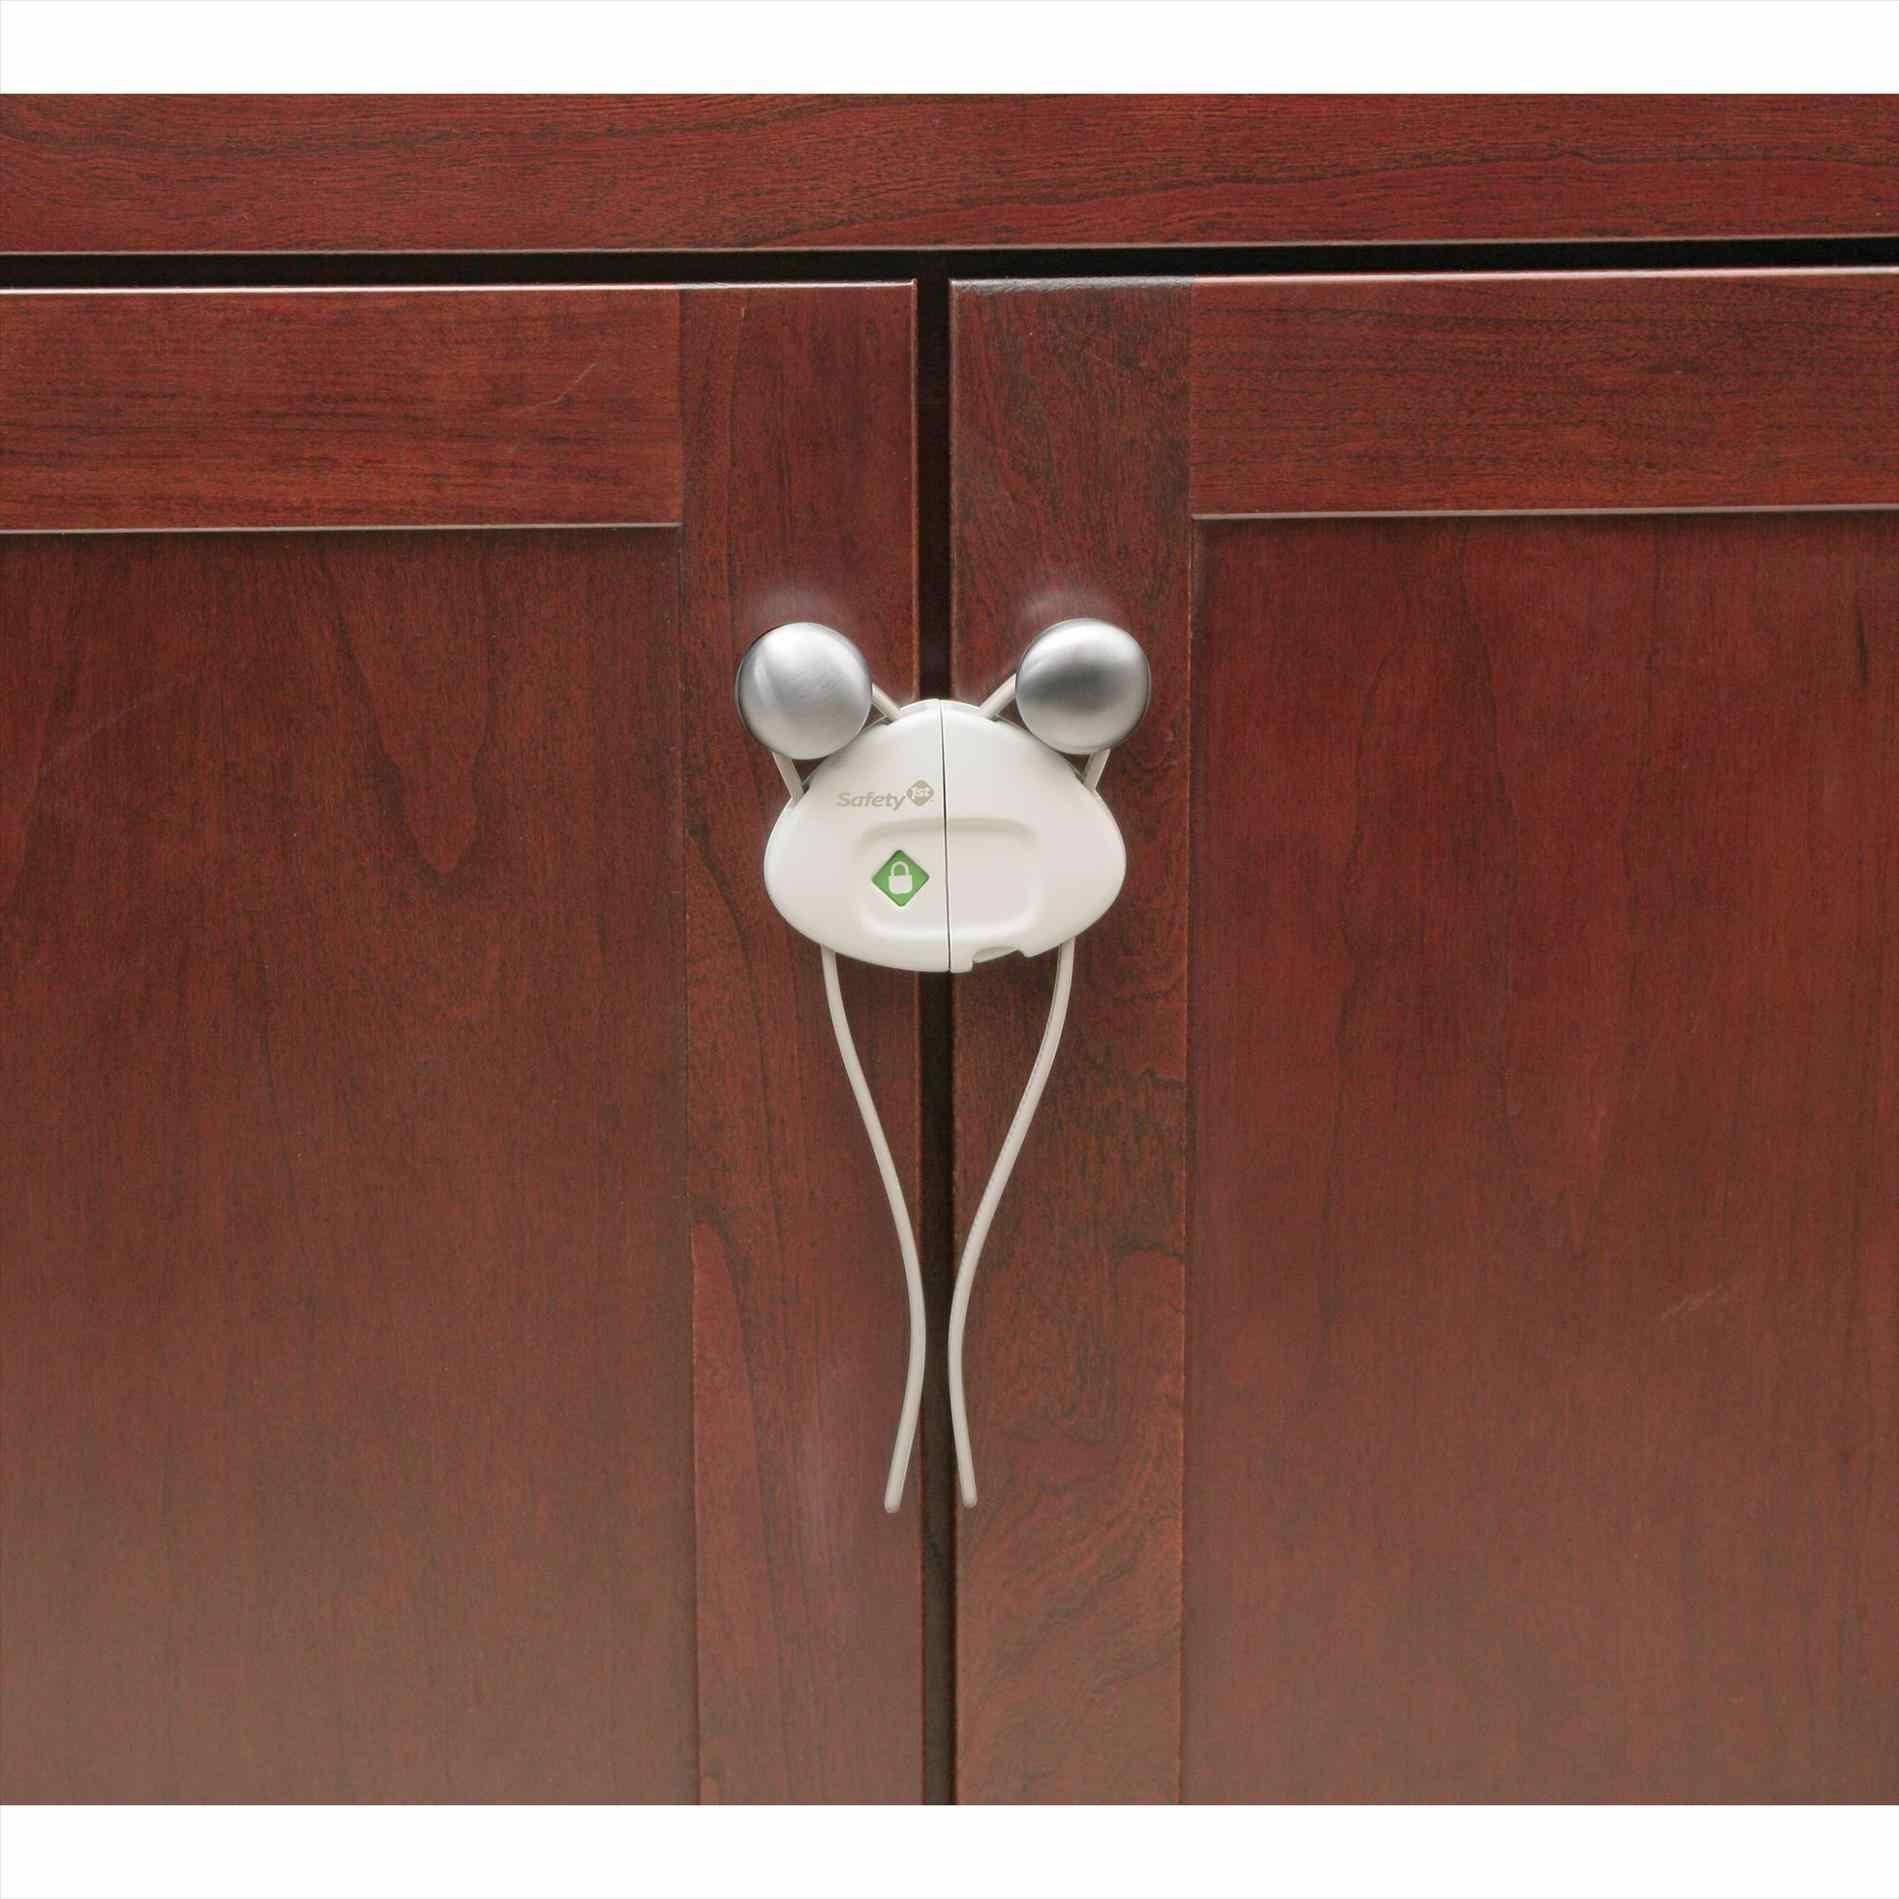 Pin on Kitchen Cabinet Door Locks